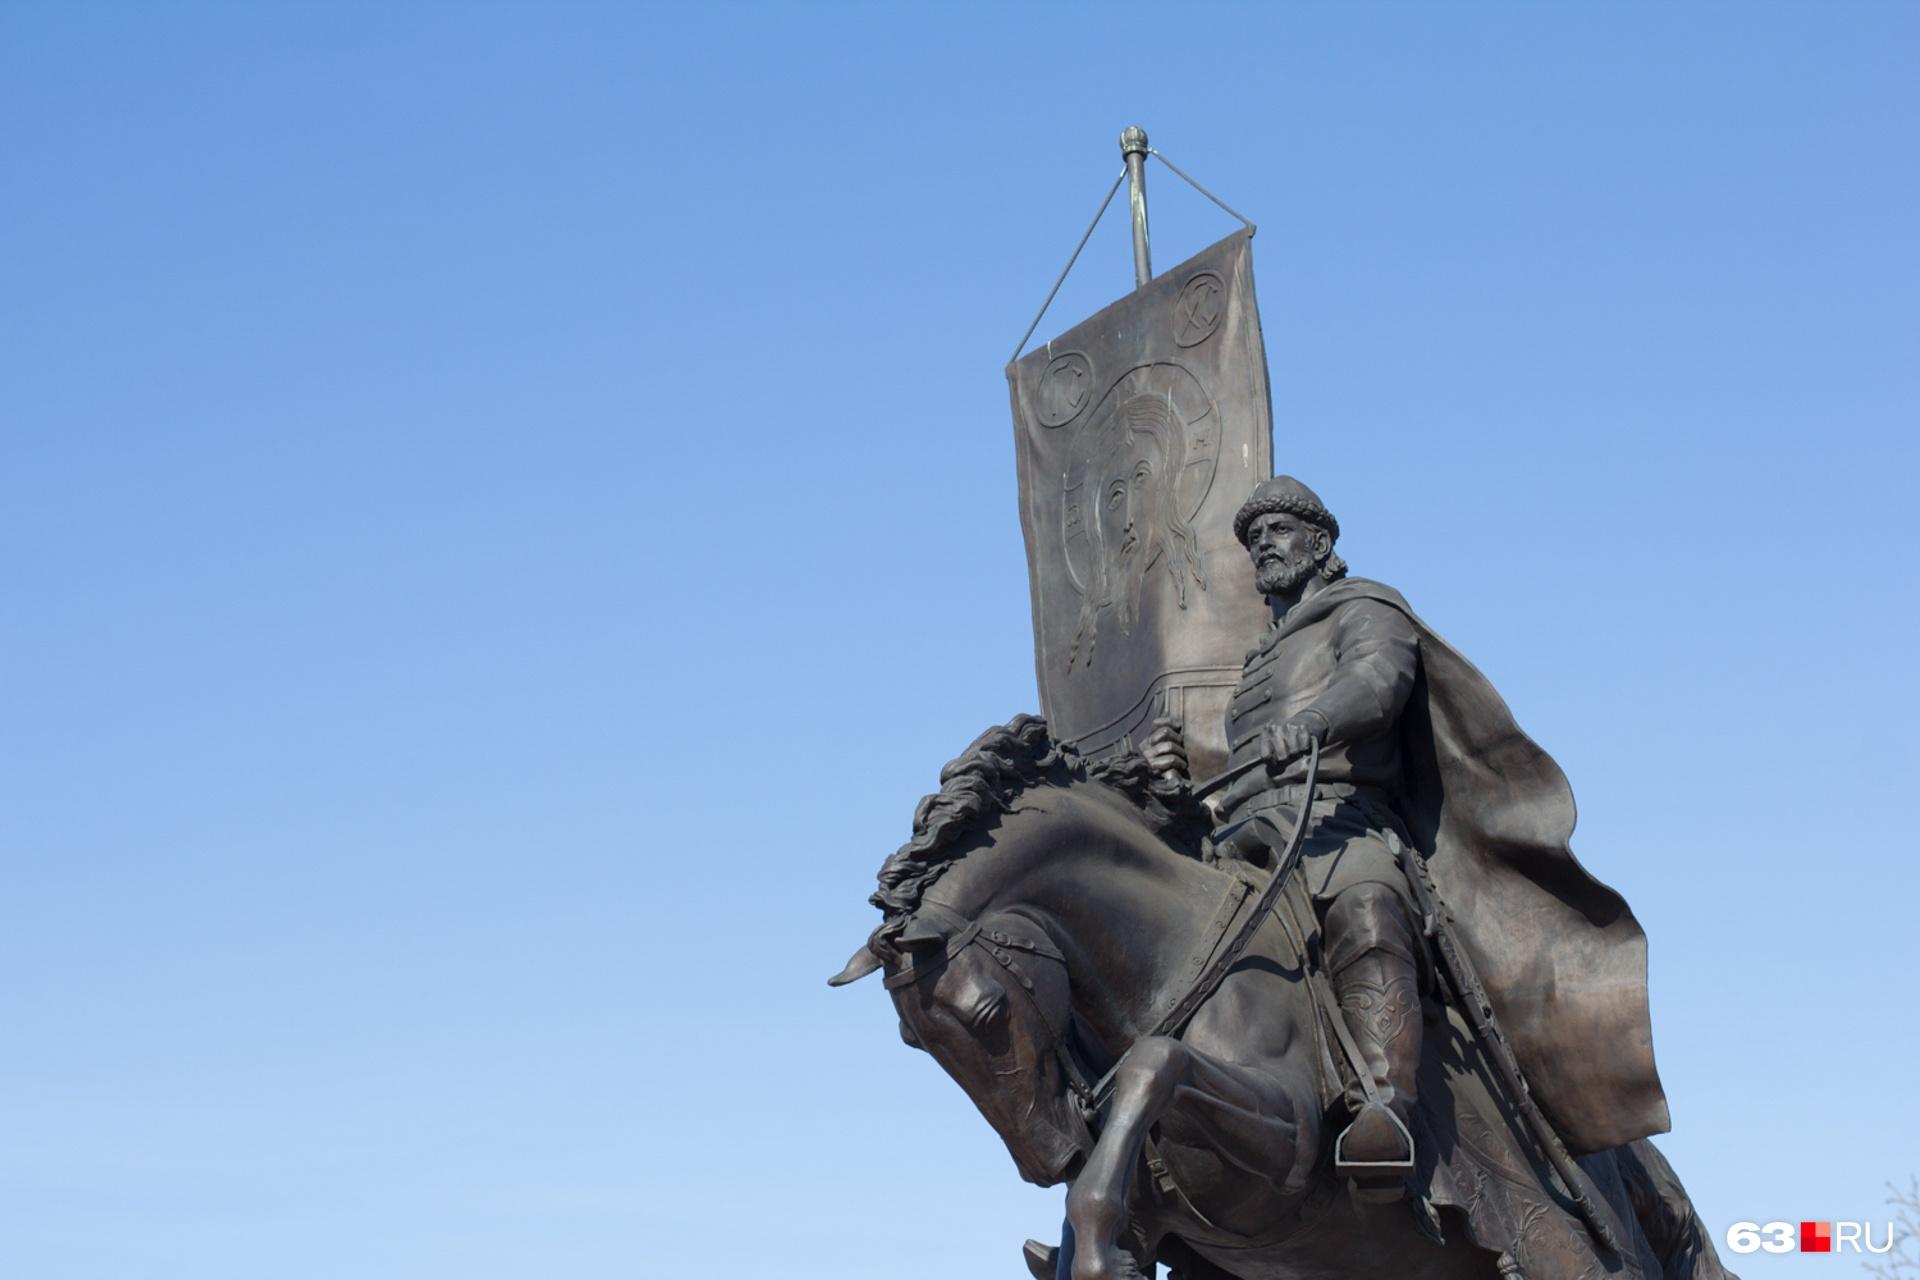 Пока в честь князя в Самаре установили только один памятник — на набережной